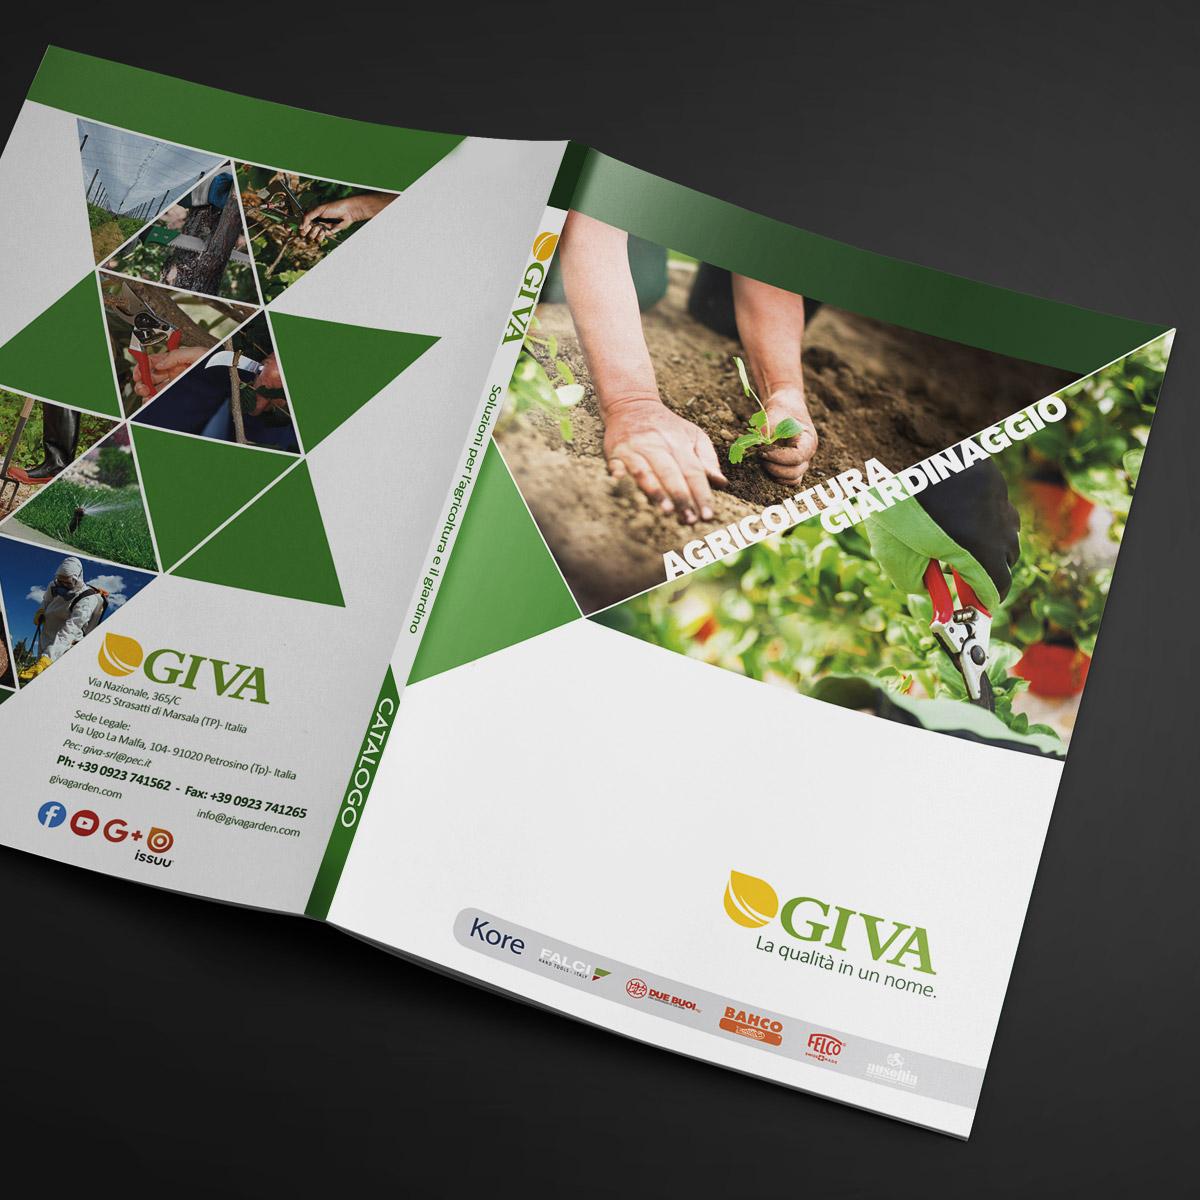 giva prodotti agricoltura e giardinaggio